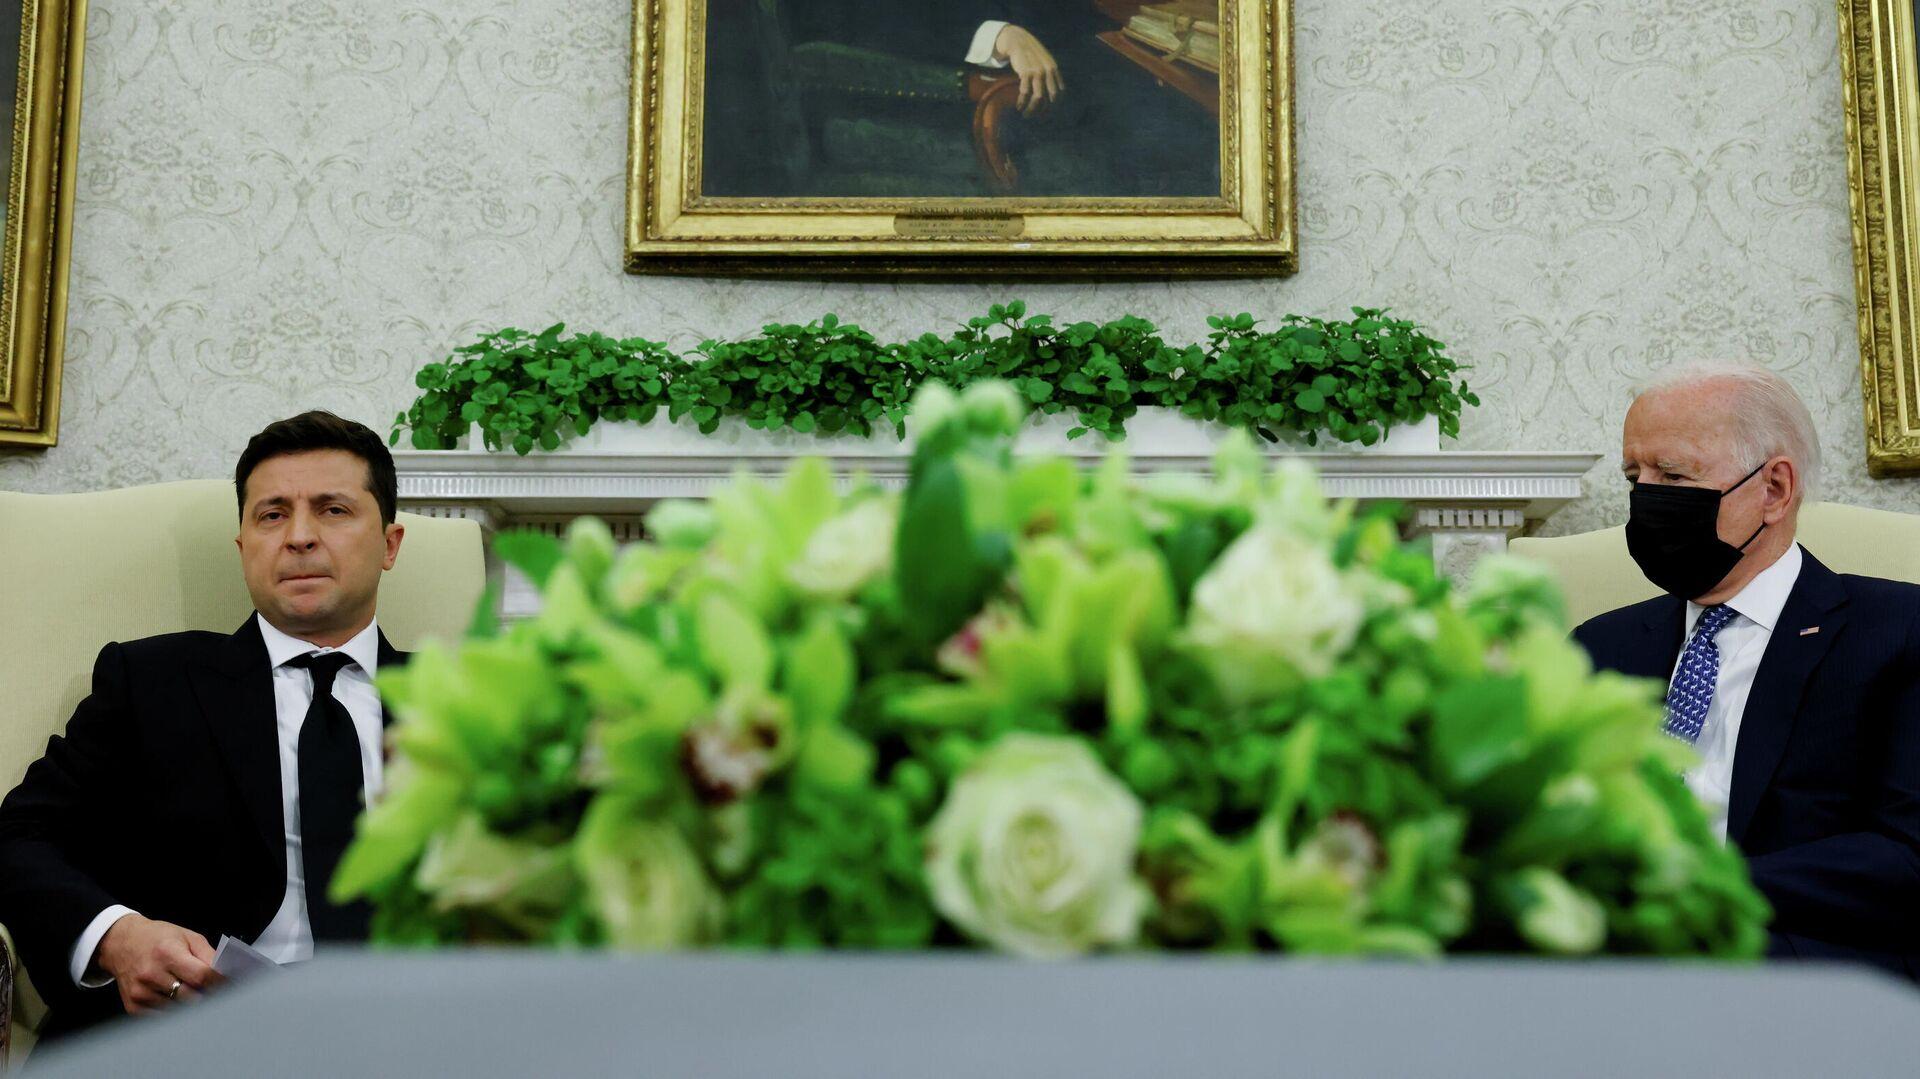 Президент Украины Владимир Зеленский и президент США Джо Байден во время встречи в Белом доме - РИА Новости, 1920, 15.09.2021